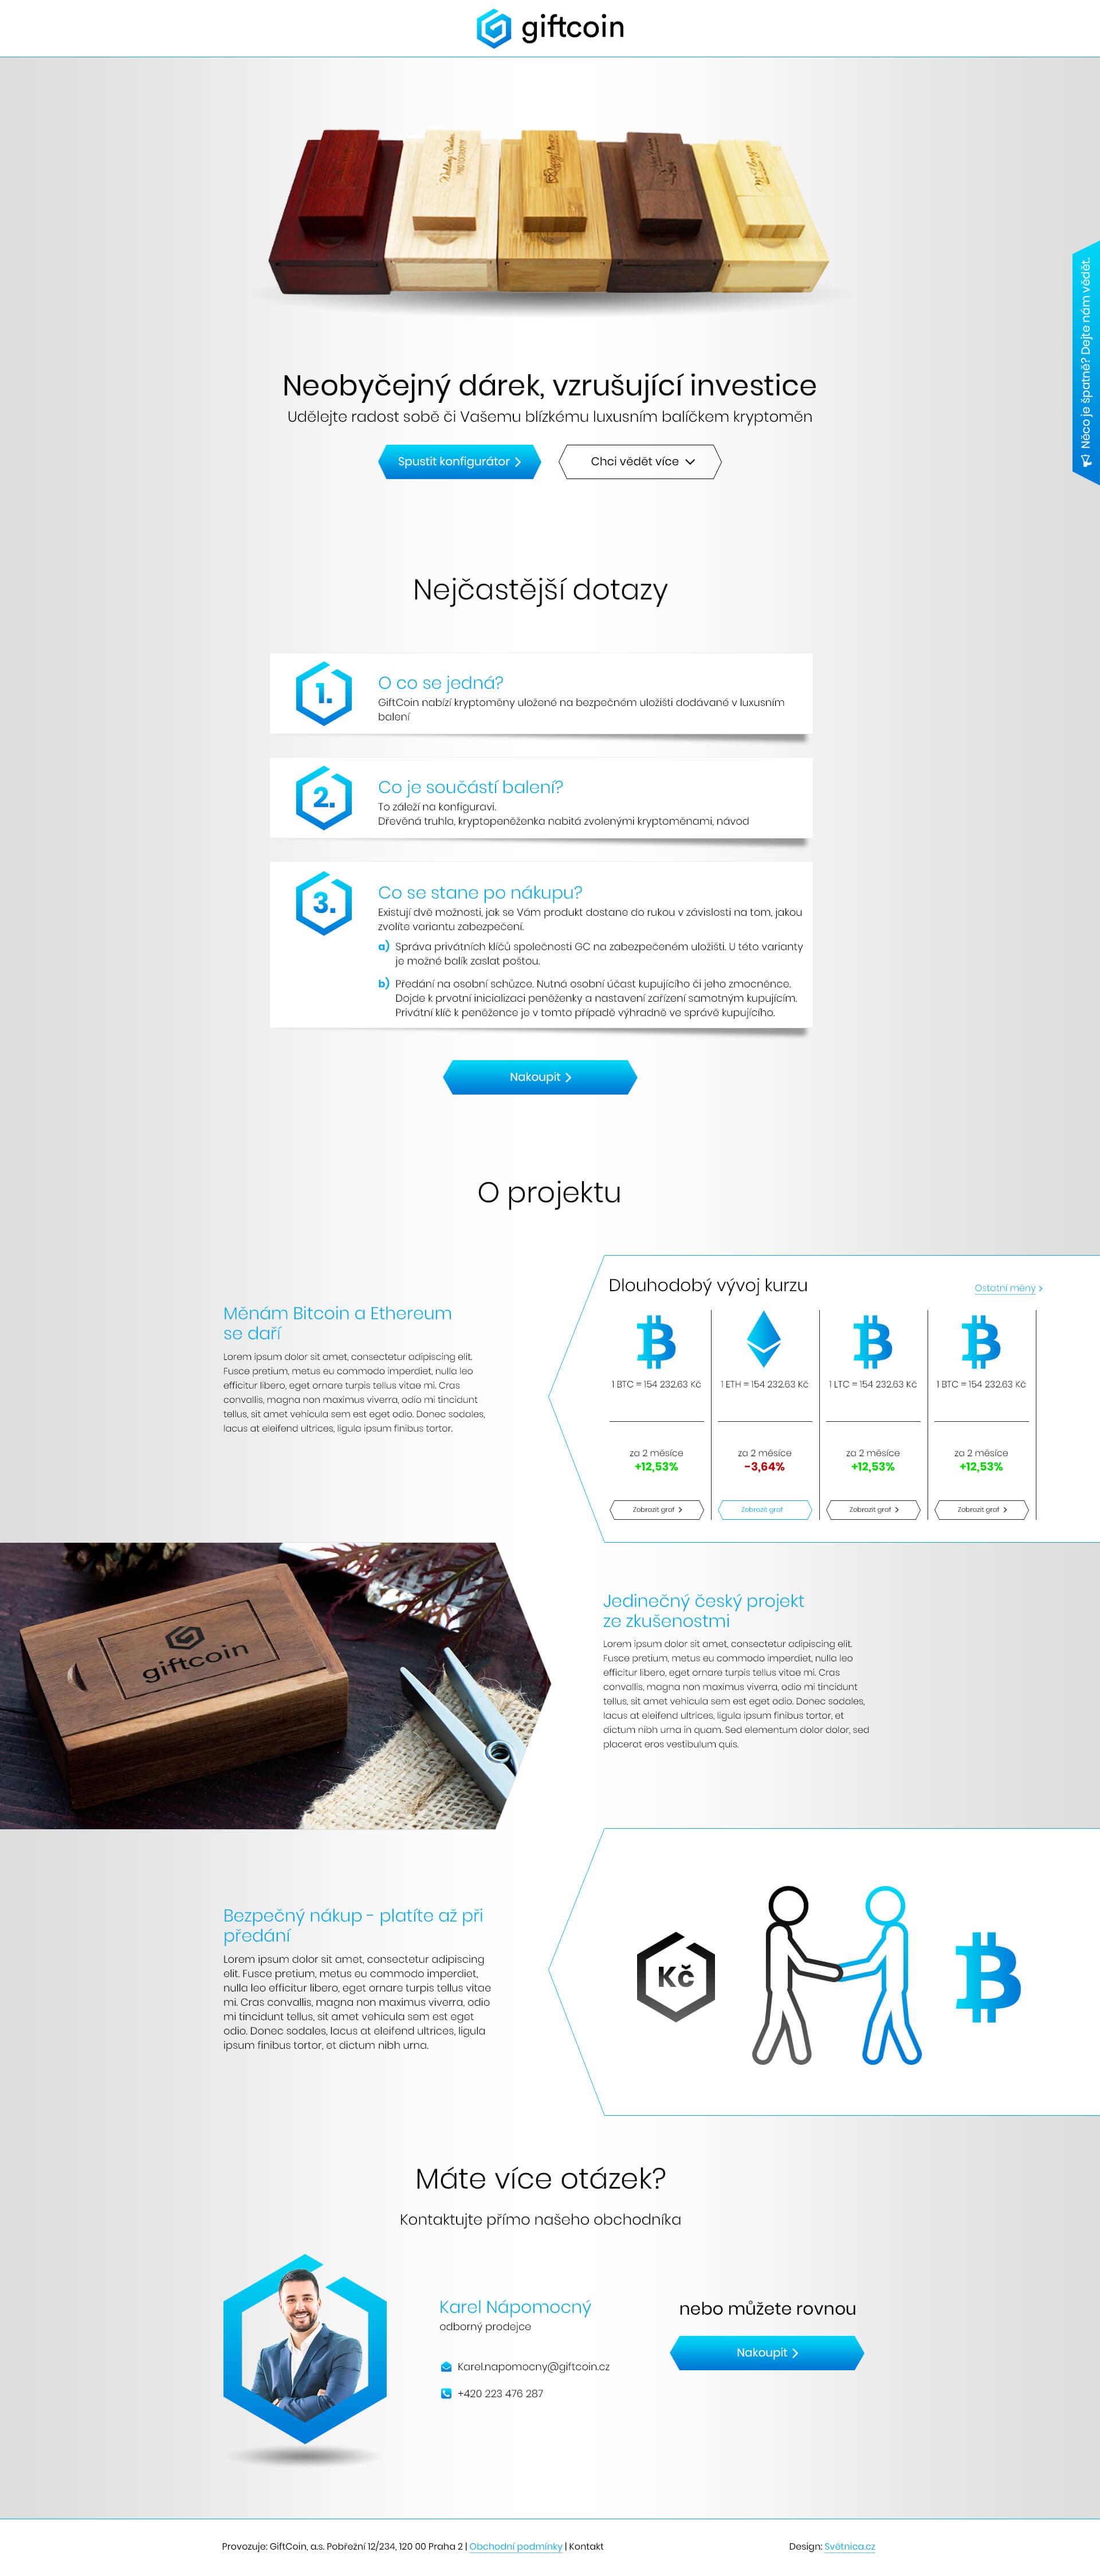 giftcoin-webdesign-svetnica-bily-uvod